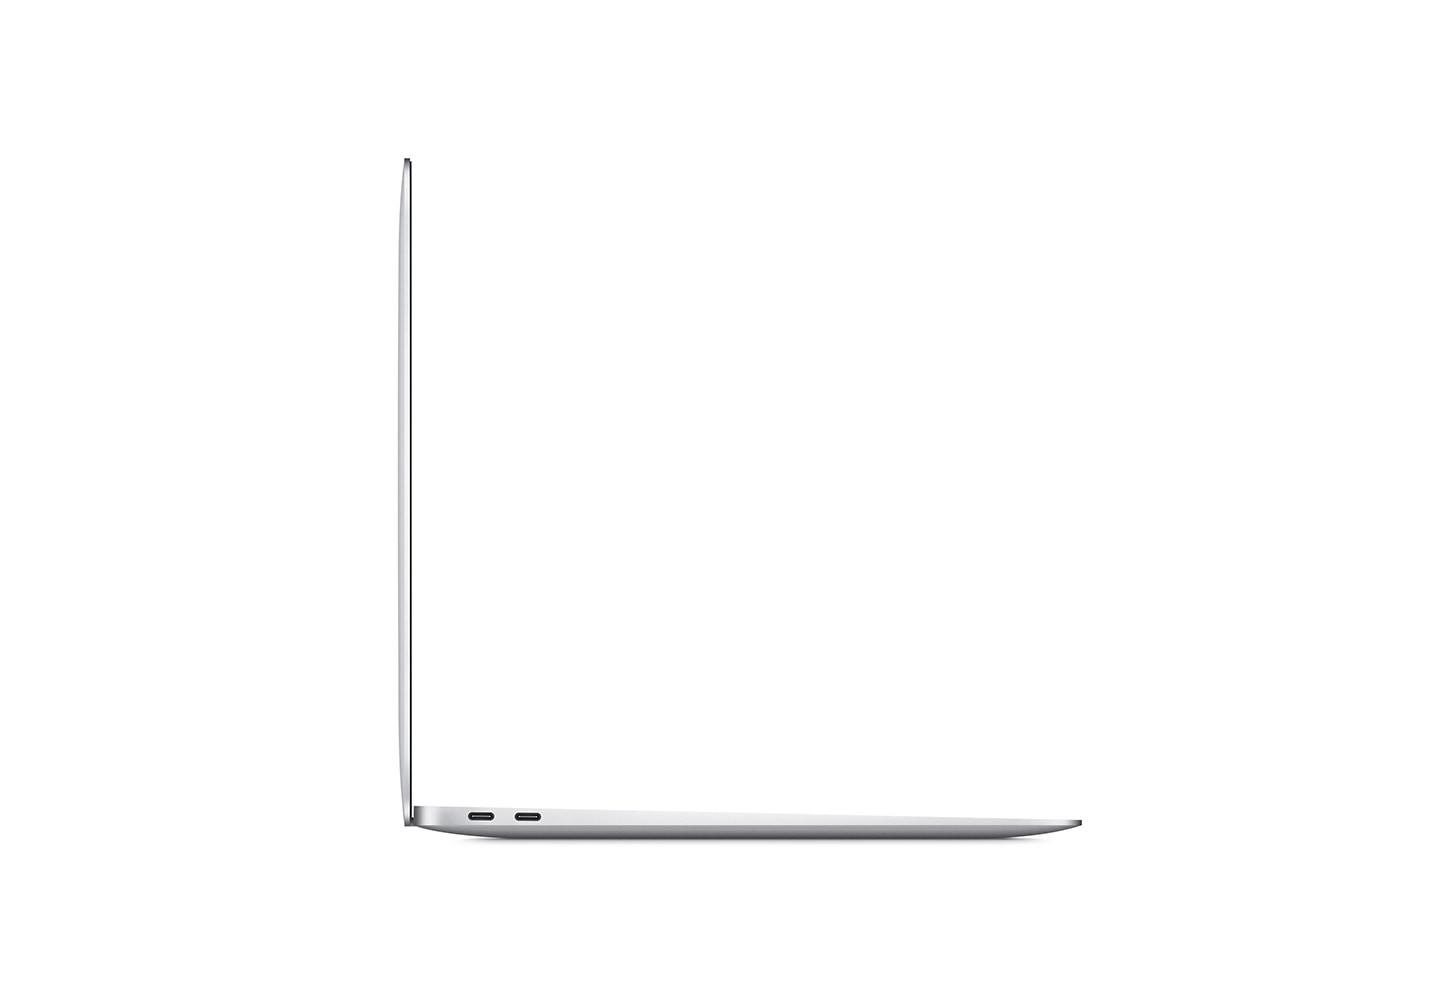 macbookair-silver-2.jpg